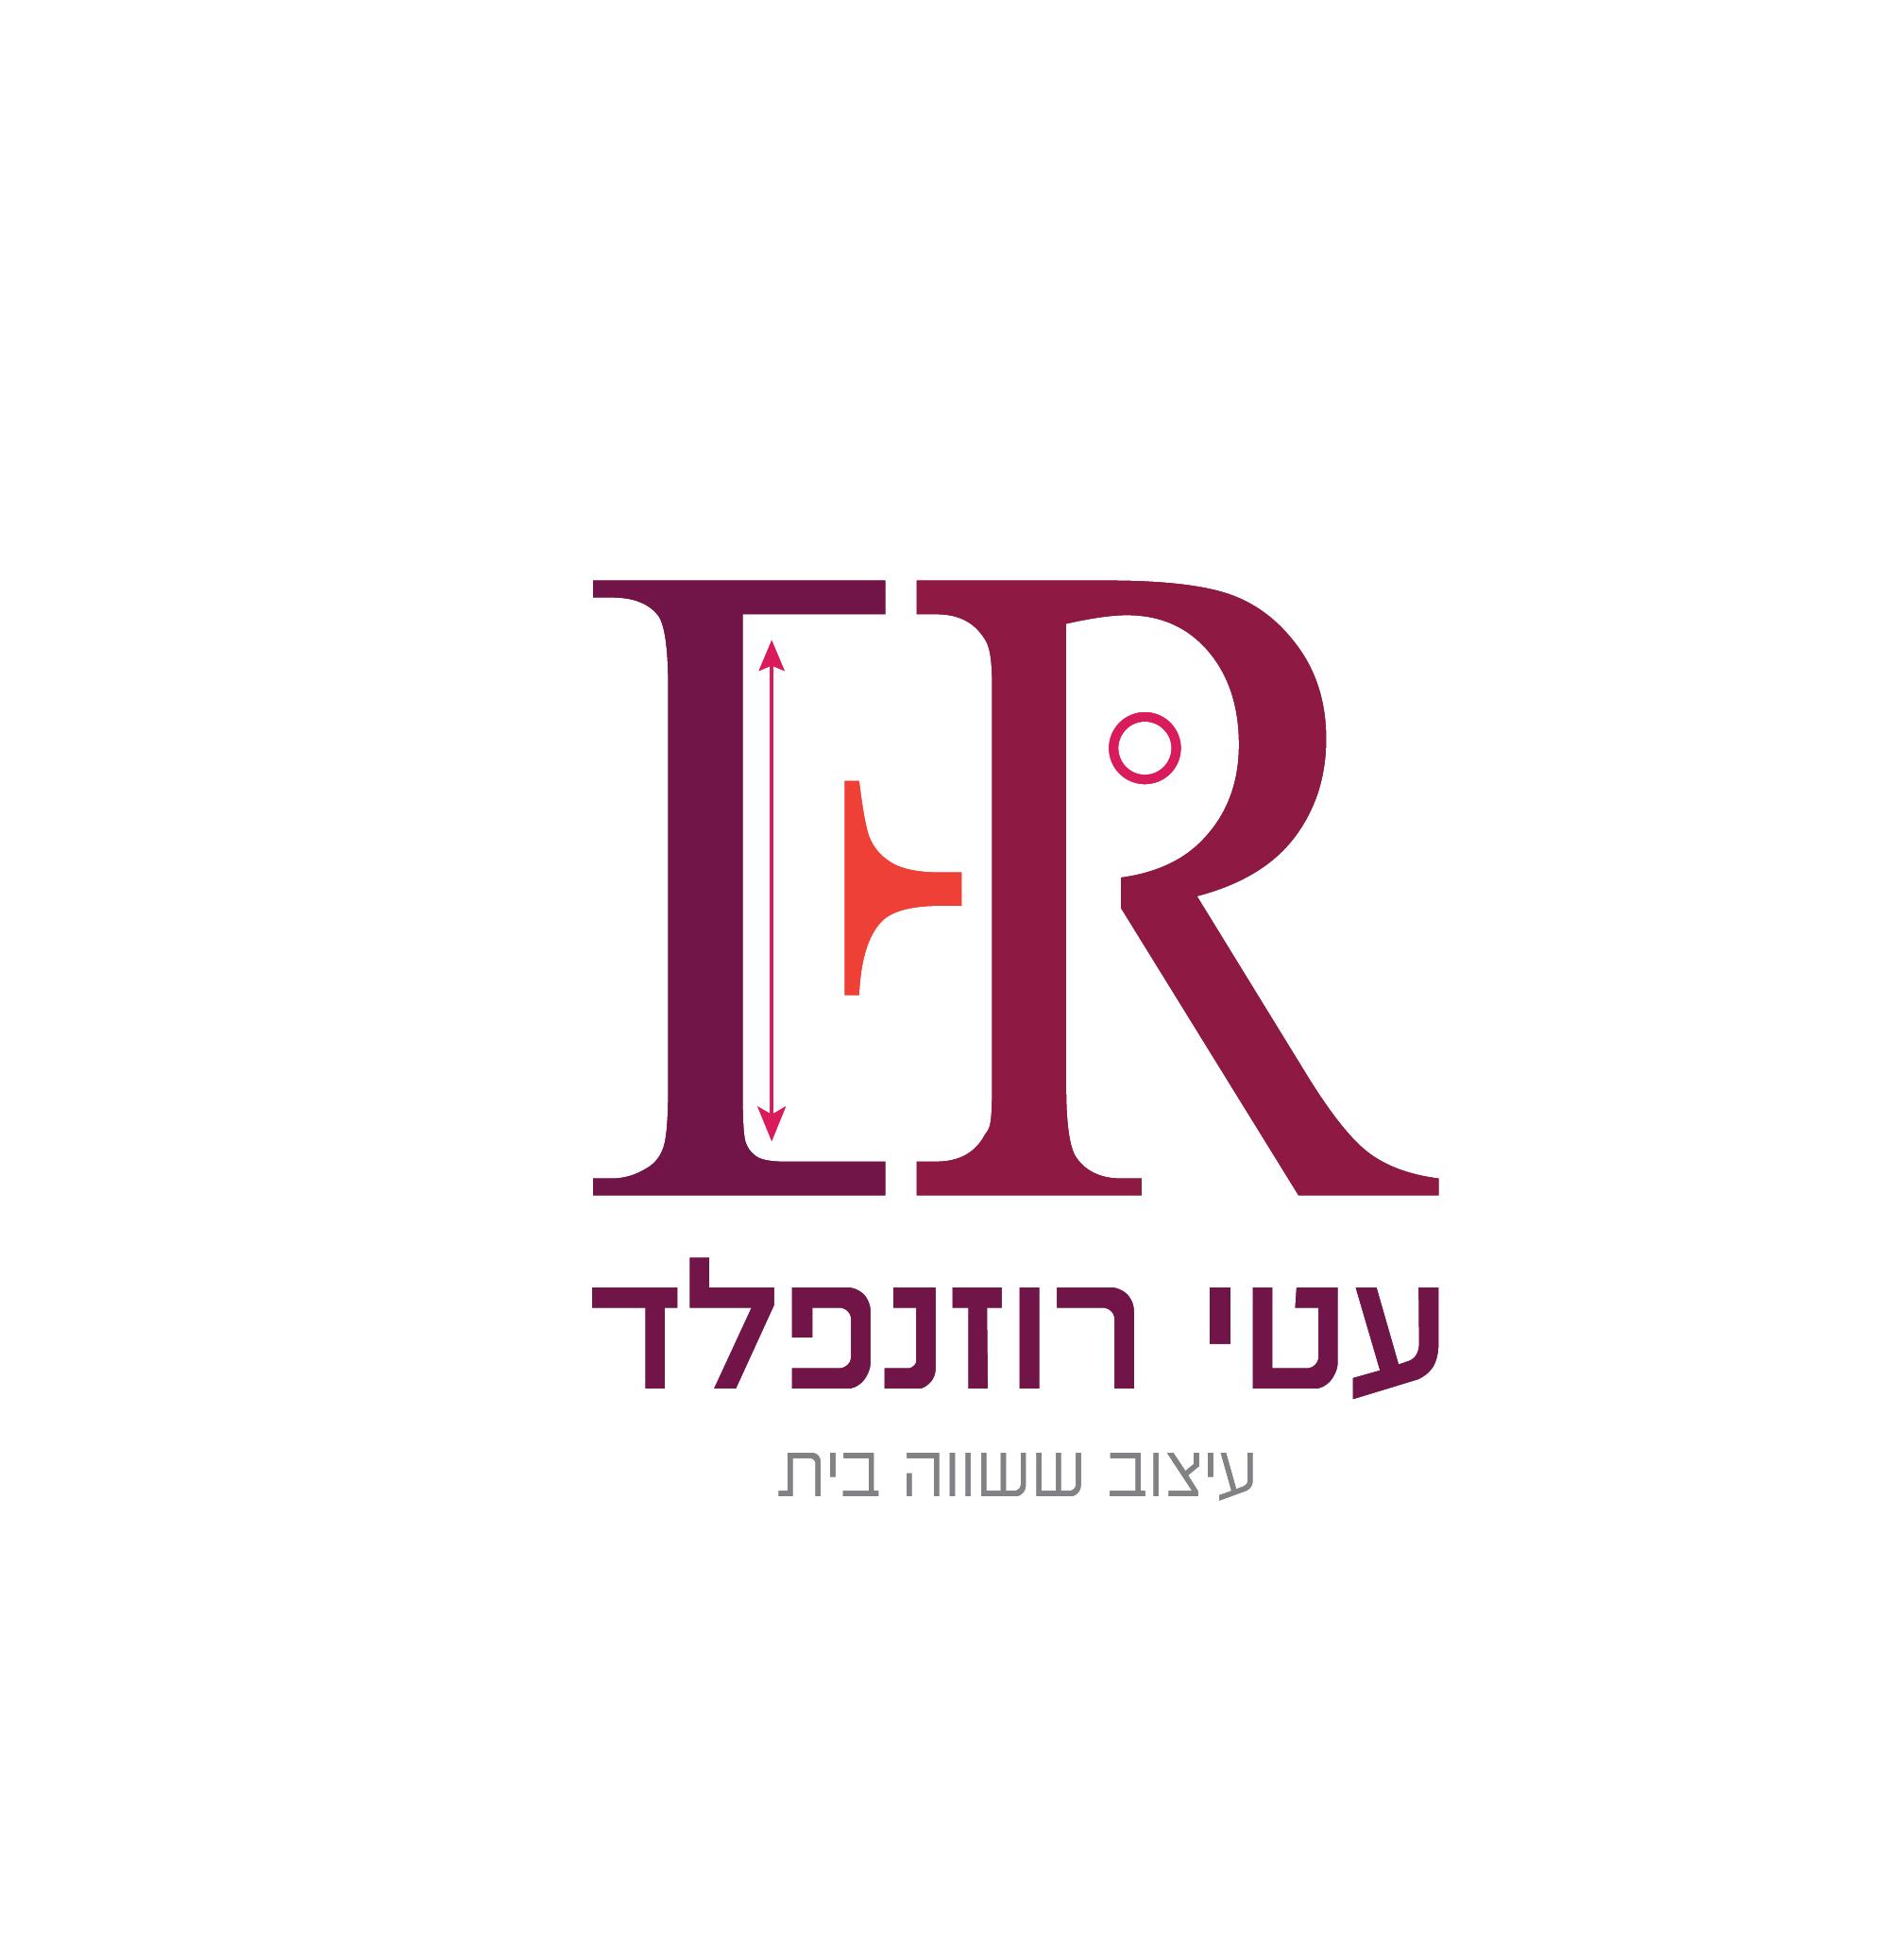 לוגו_עטי רוזנפלד